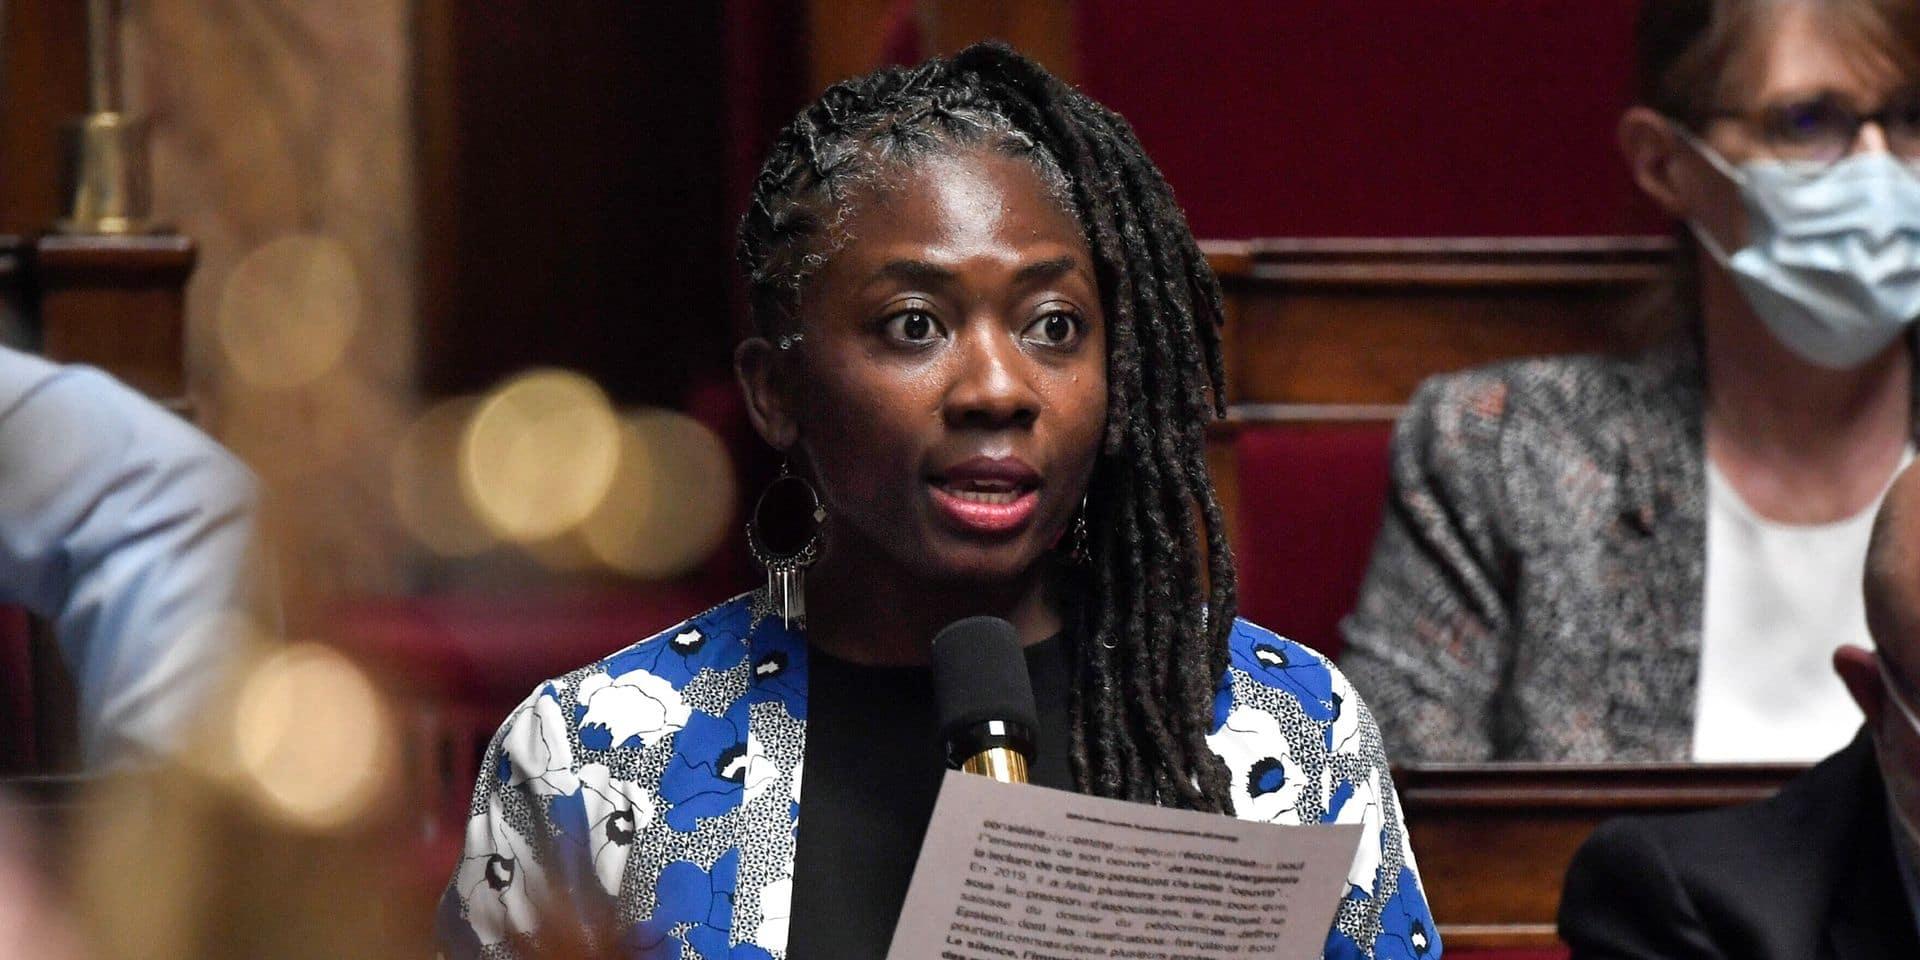 """Représentation """"abjecte et inacceptable"""", """"apologie du racisme"""": la députée française Danièle Obono en esclave dans Valeurs Actuelles"""